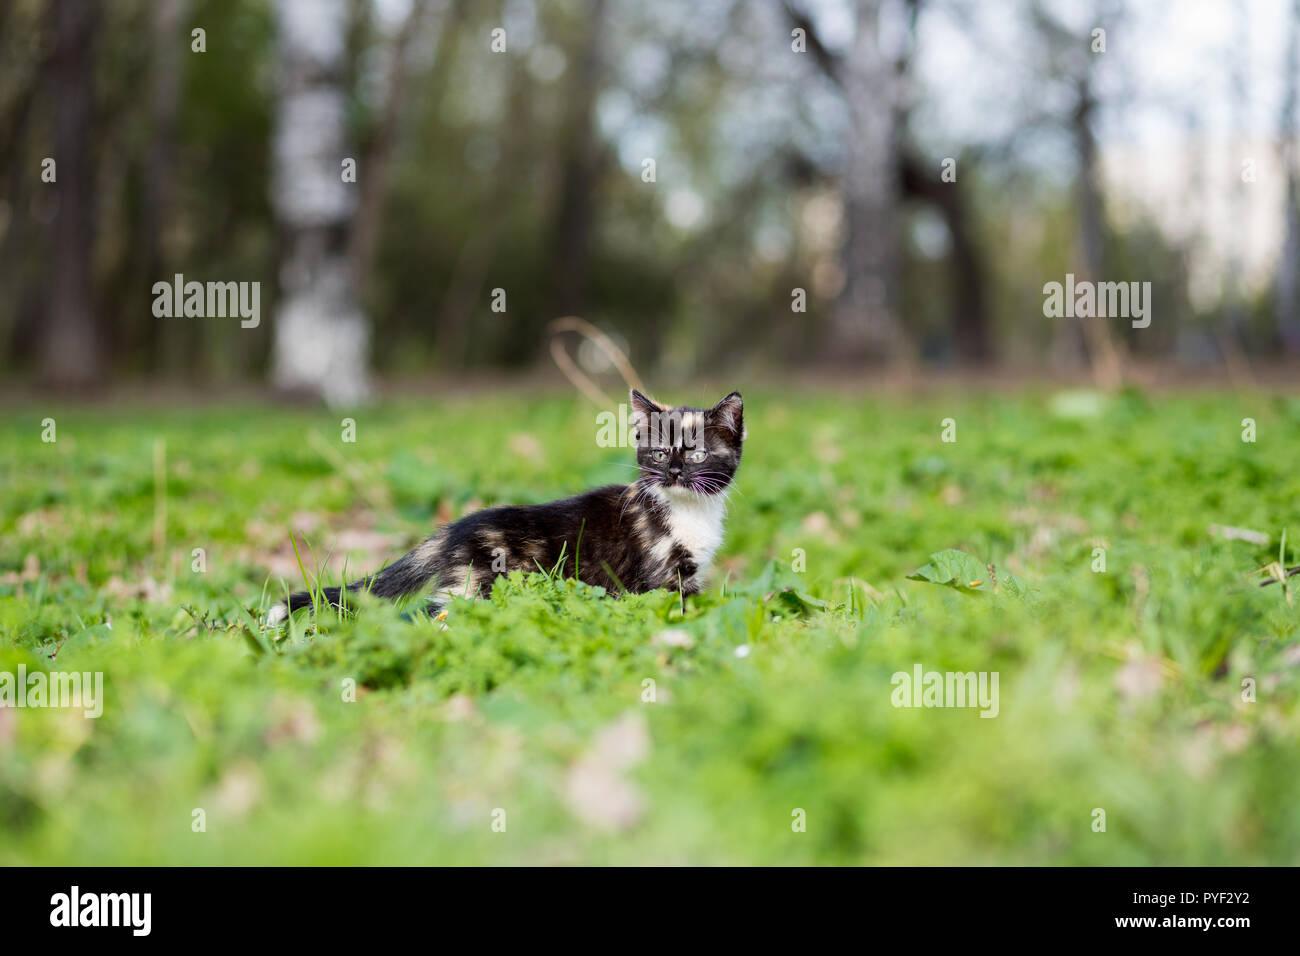 Little kitten tortoiseshell color in the park runs on the grass - Stock Image